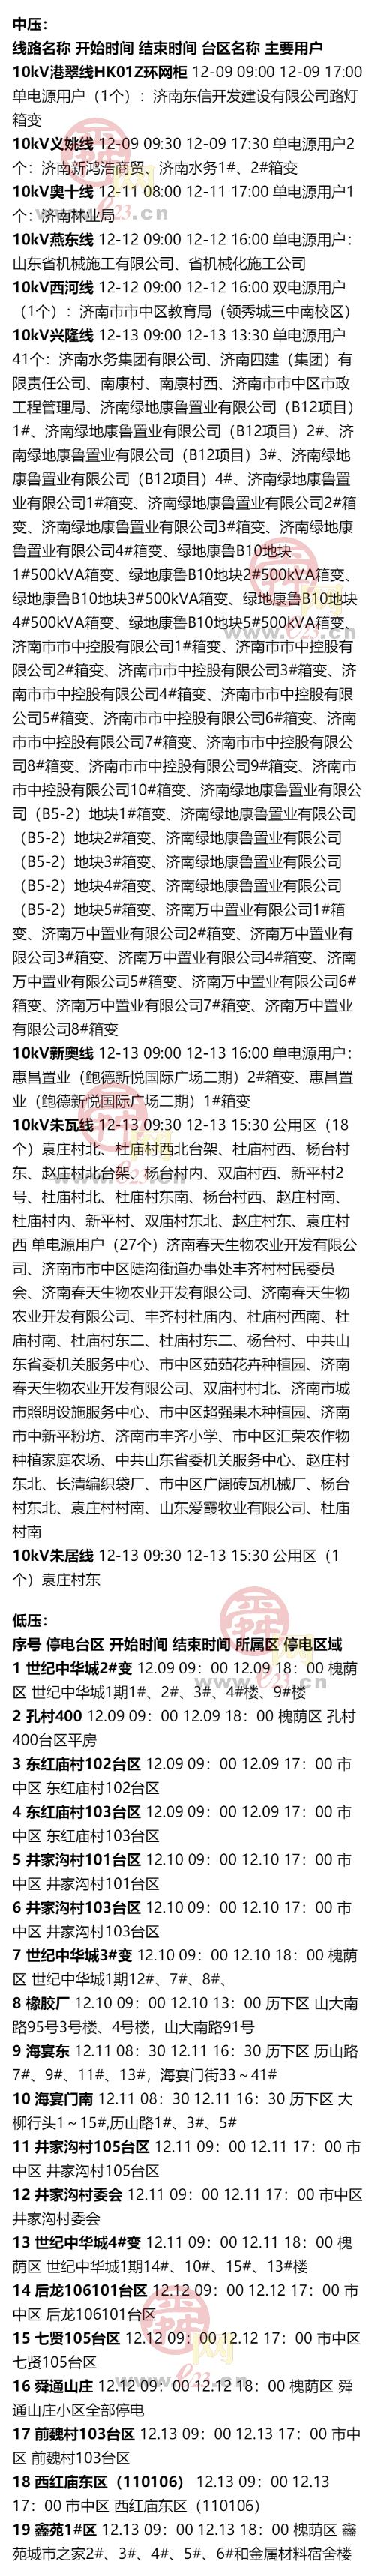 12月7日至12月13日濟南部分區域電力設備檢修通知